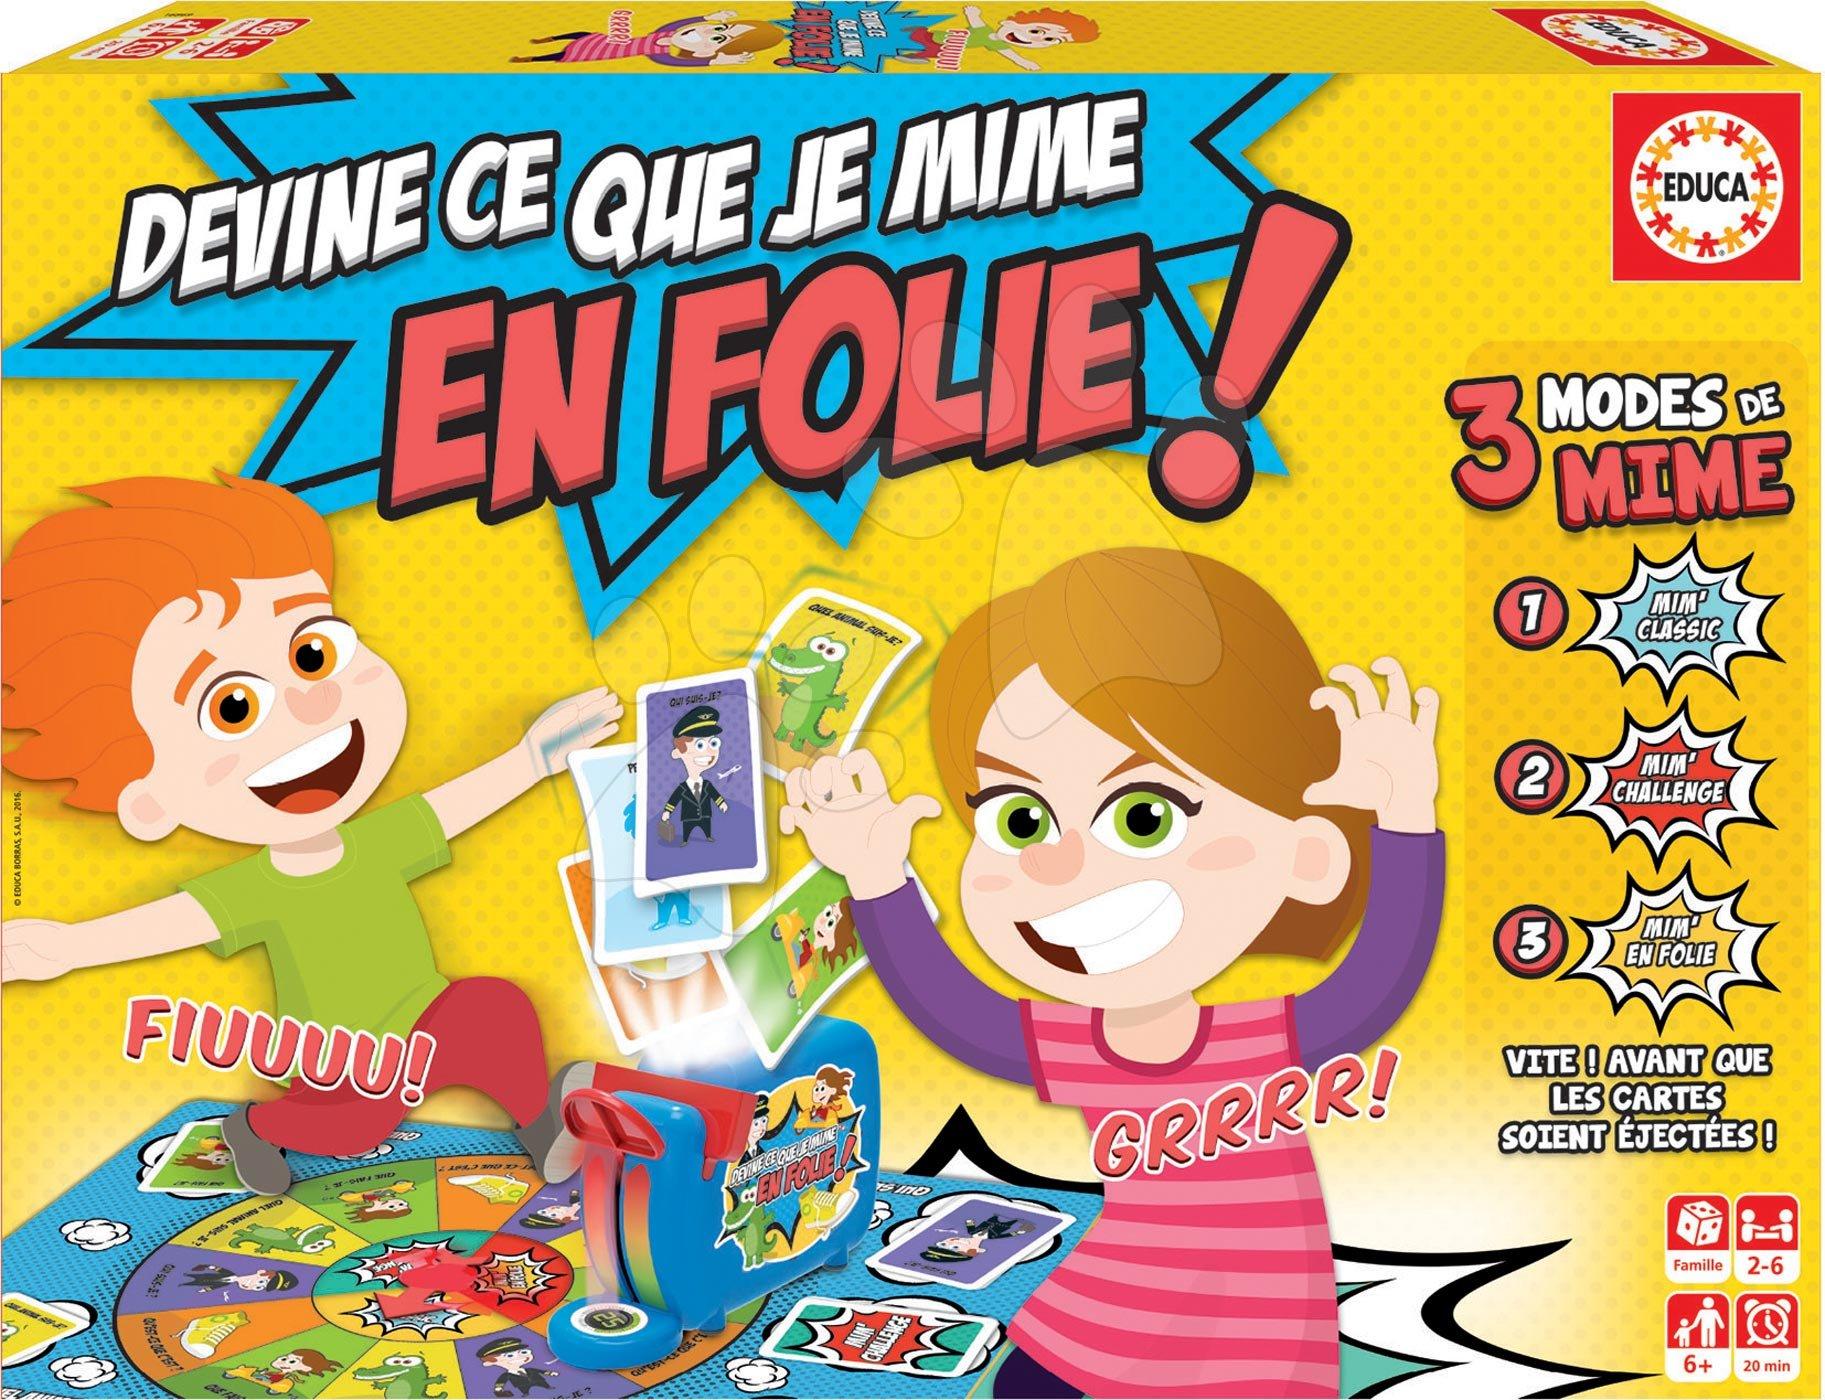 Spoločenská hra Devine Ce Que Je Mime En Folie! Educa francúzsky pre 2-6 hráčov od 6 rokov